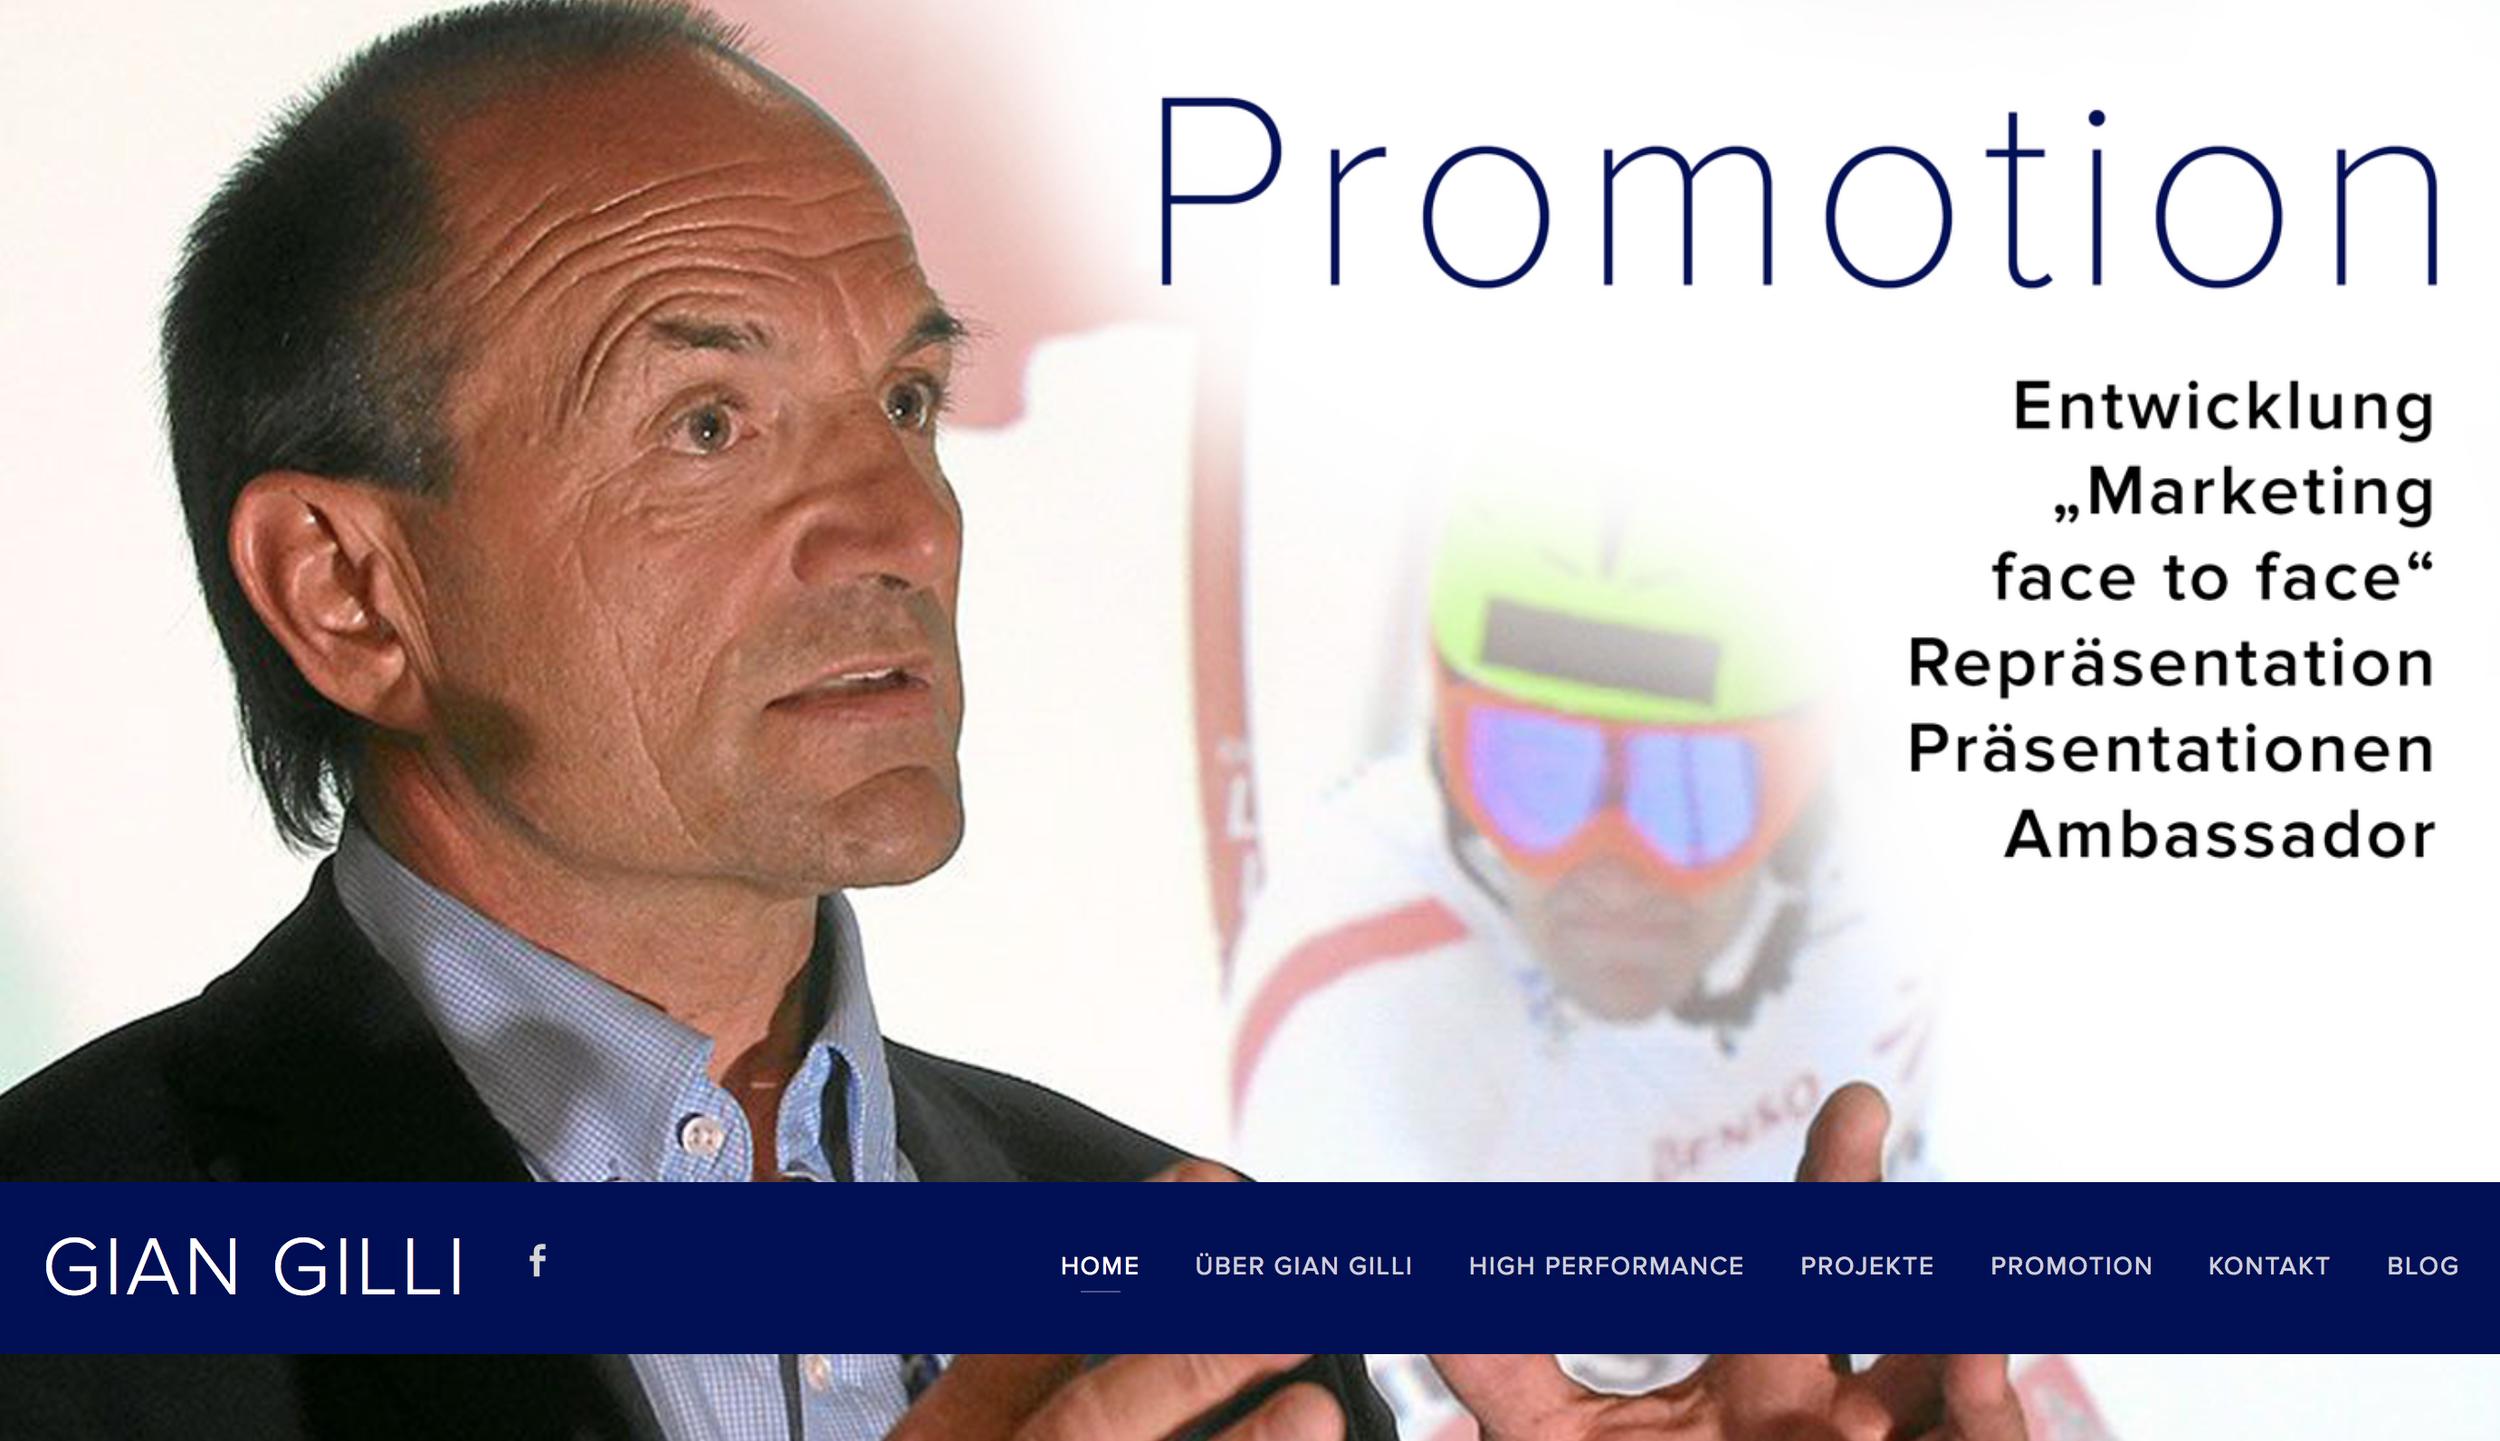 Website_IV_Gian_Gilli_by_JPR_Media_GmbH